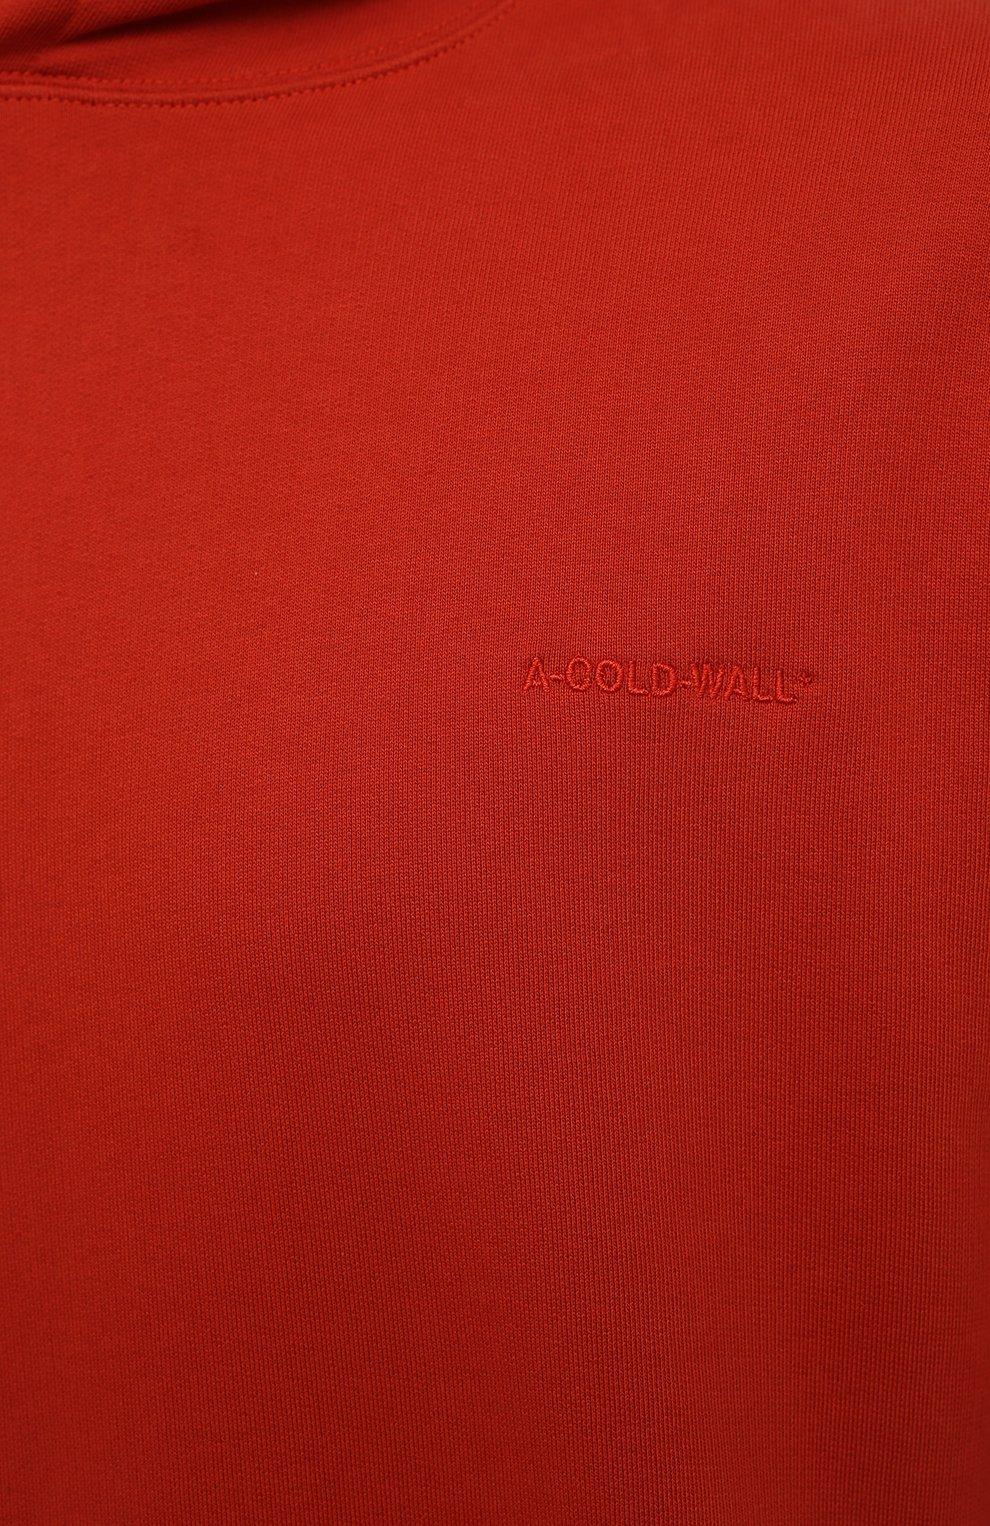 Мужской хлопковое худи A-COLD-WALL* красного цвета, арт. ACWMW033 | Фото 5 (Рукава: Длинные; Принт: Без принта; Длина (для топов): Стандартные; Мужское Кросс-КТ: Худи-одежда; Материал внешний: Хлопок; Стили: Минимализм)